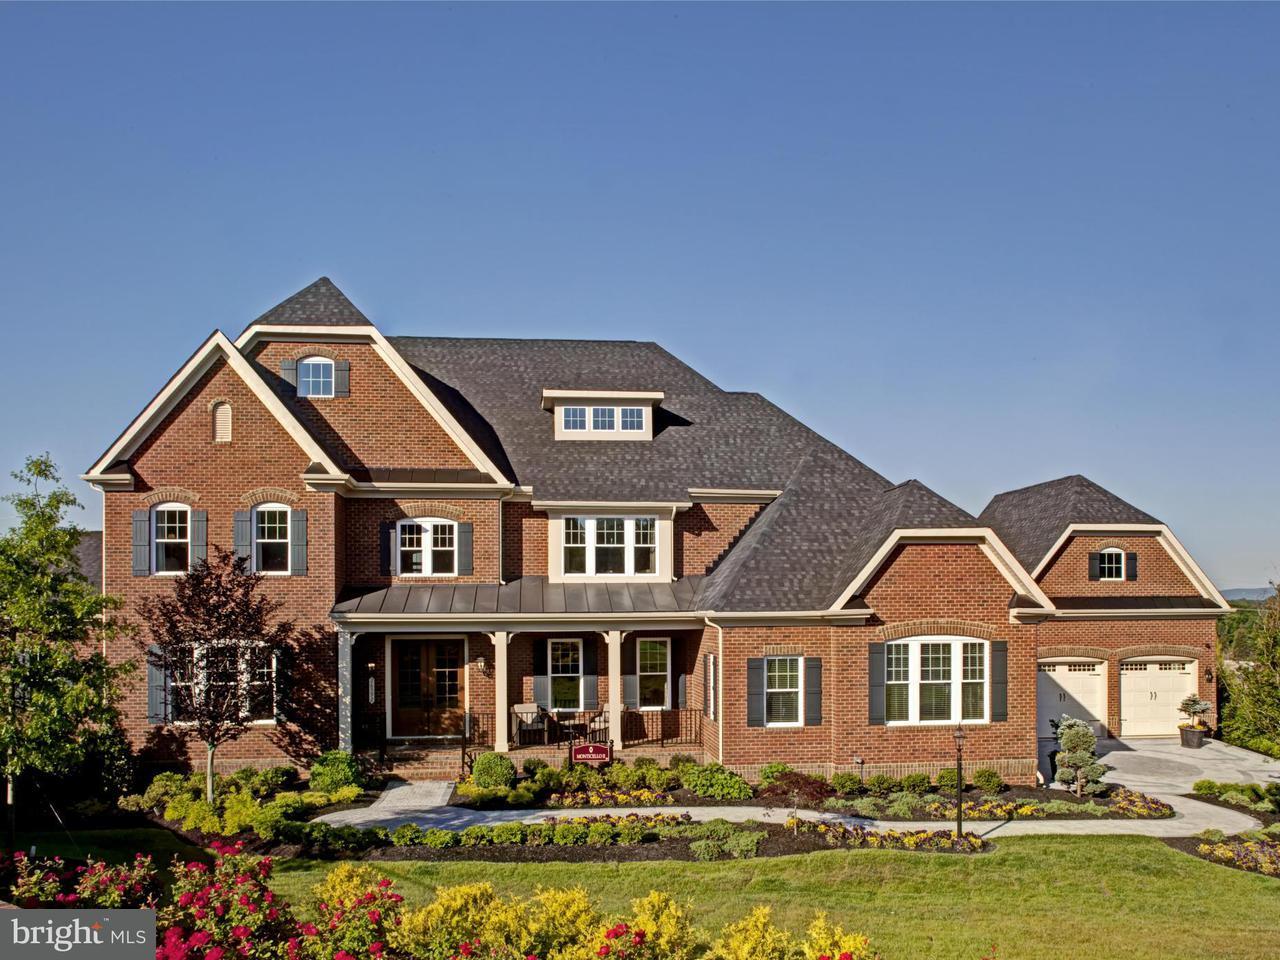 Частный односемейный дом для того Продажа на Marbury Estate Drive Marbury Estate Drive Chantilly, Виргиния 20152 Соединенные Штаты